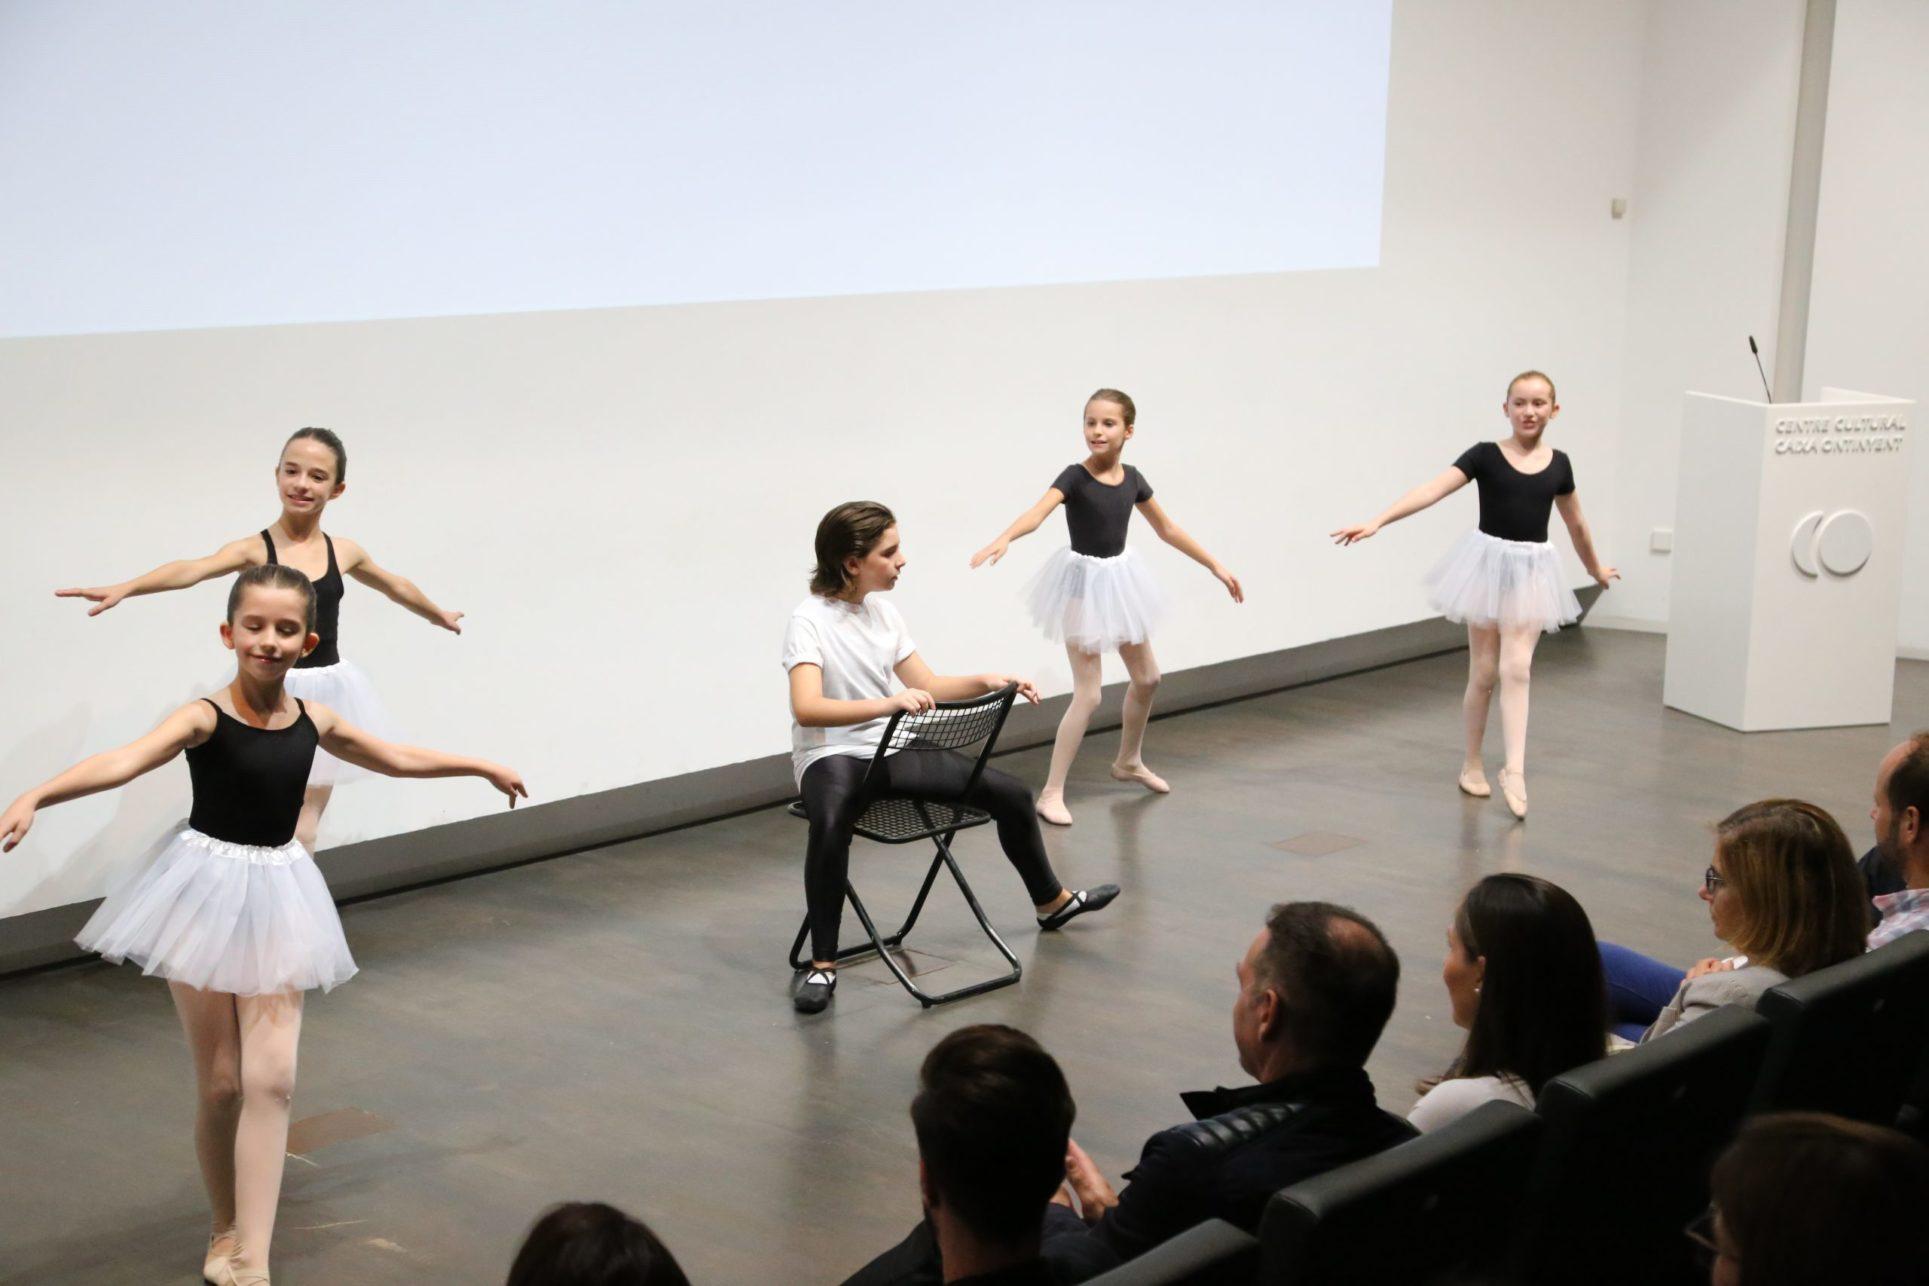 Òpera enceta els actes del seu 30 aniversari El Periòdic d'Ontinyent - Noticies a Ontinyent